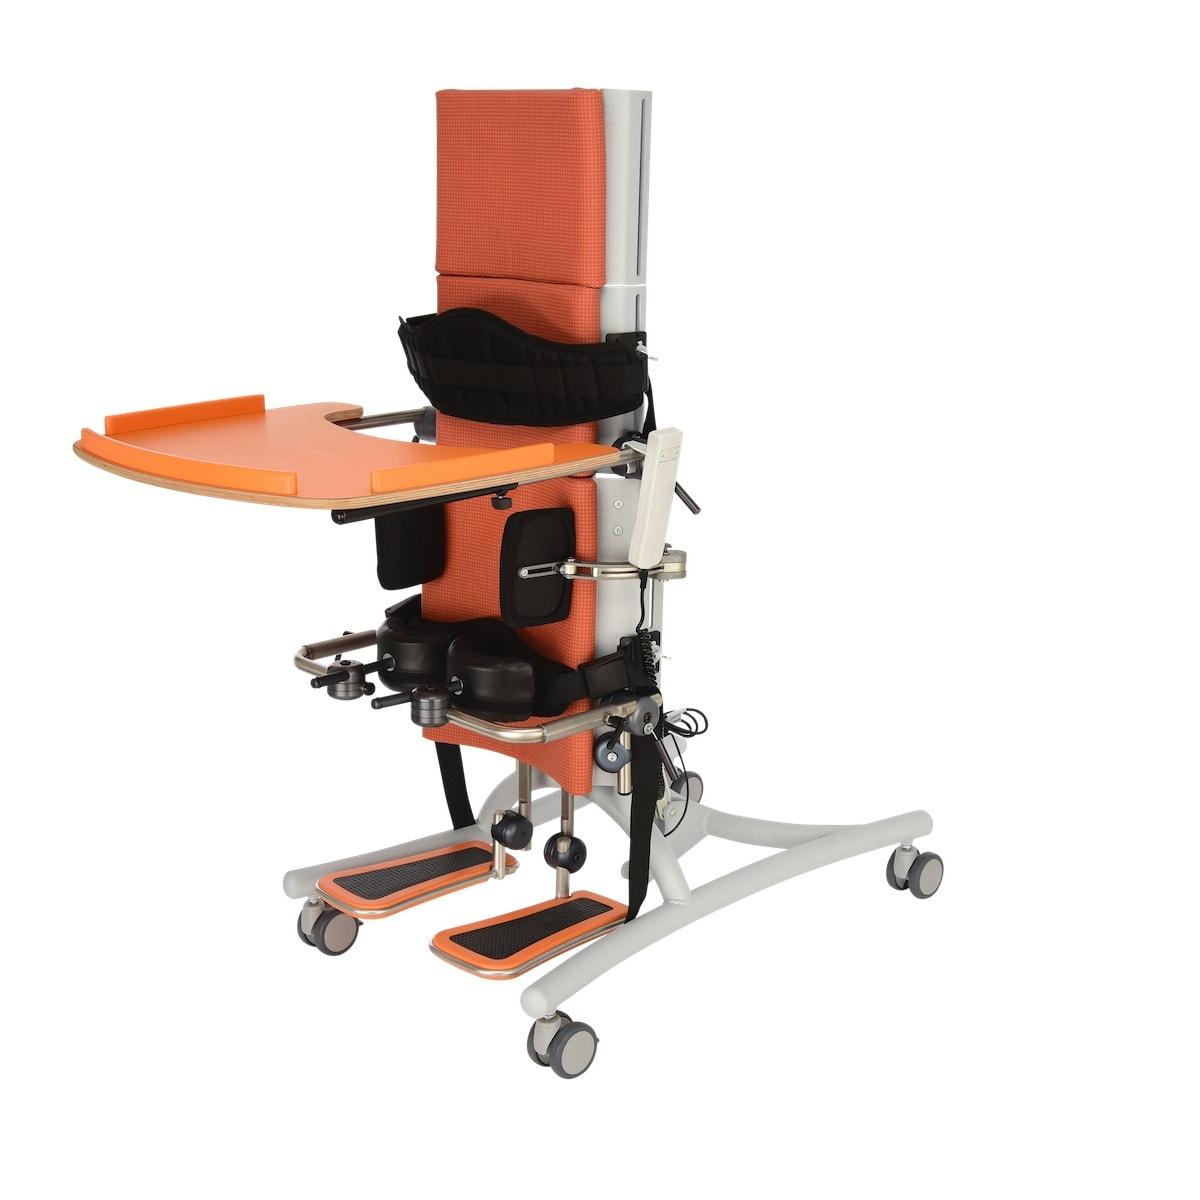 Medizinische Geräte inklusive Funktionen zeigen